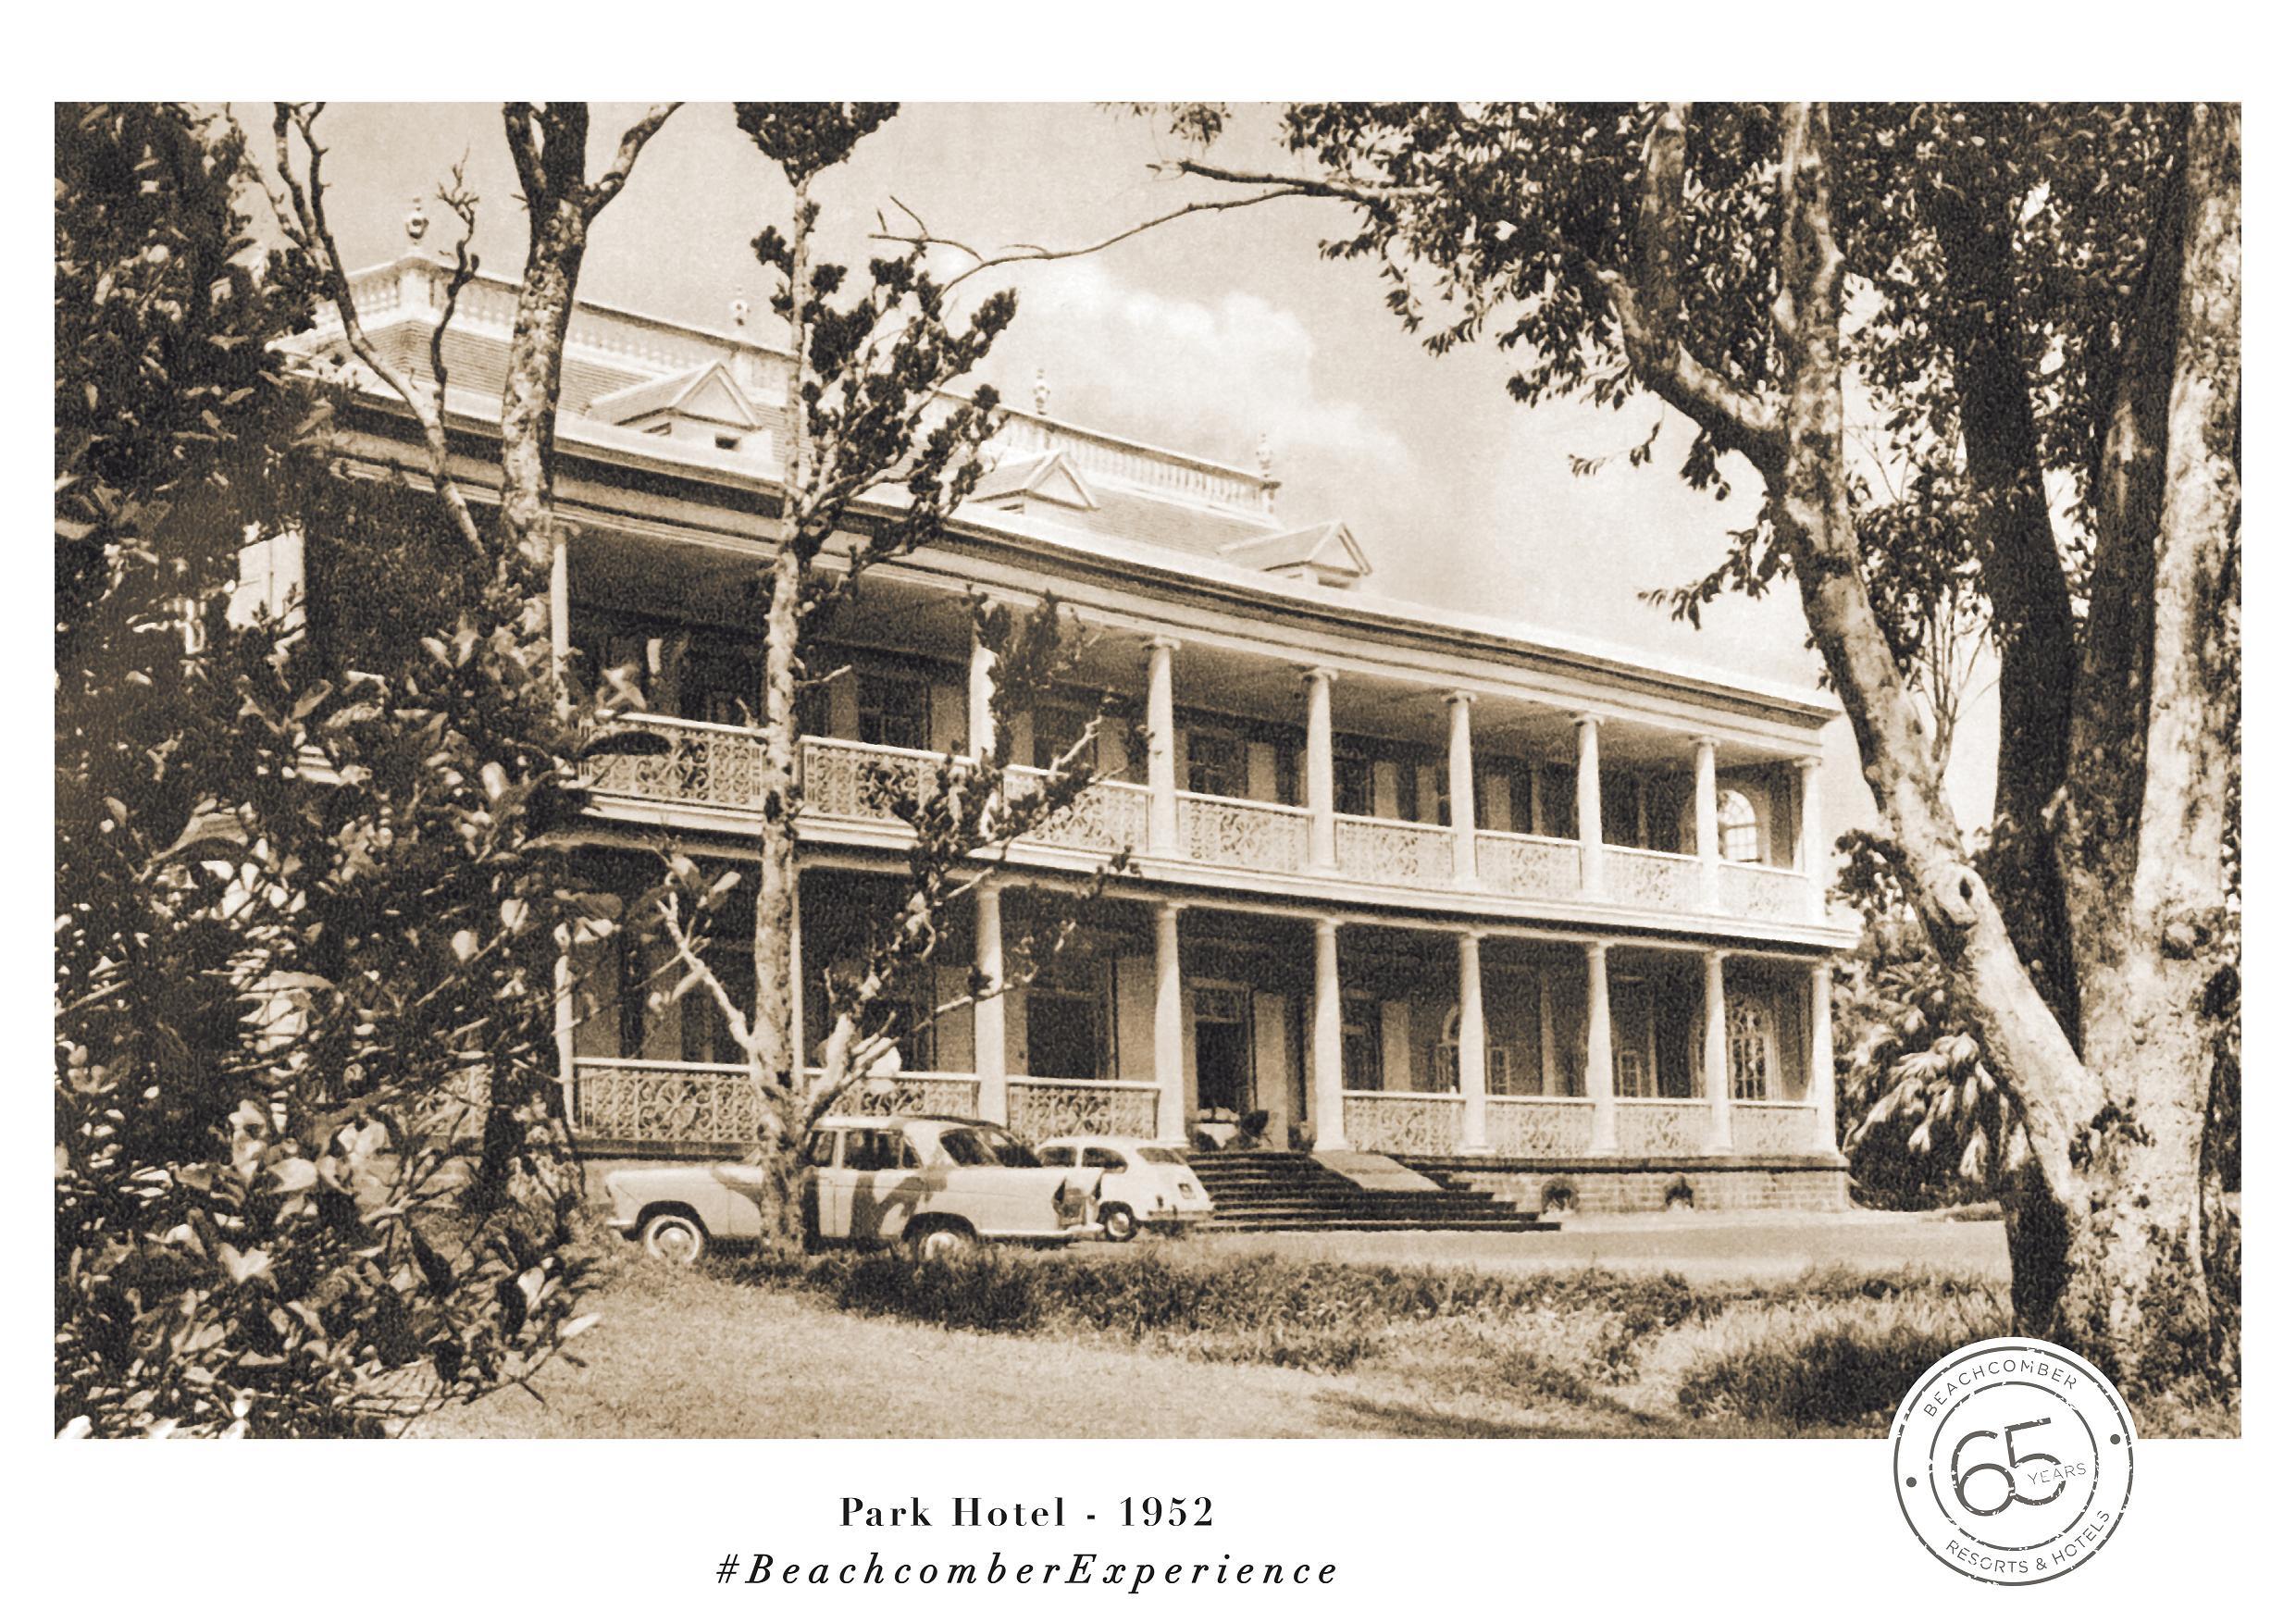 Ouvert en 1952 et premier hôtel de standard international de l'île, le Park Hotel a vocation à accueillir passagers et équipages de Qantas en transit - DR : Beachcomber Resorts & Hotels